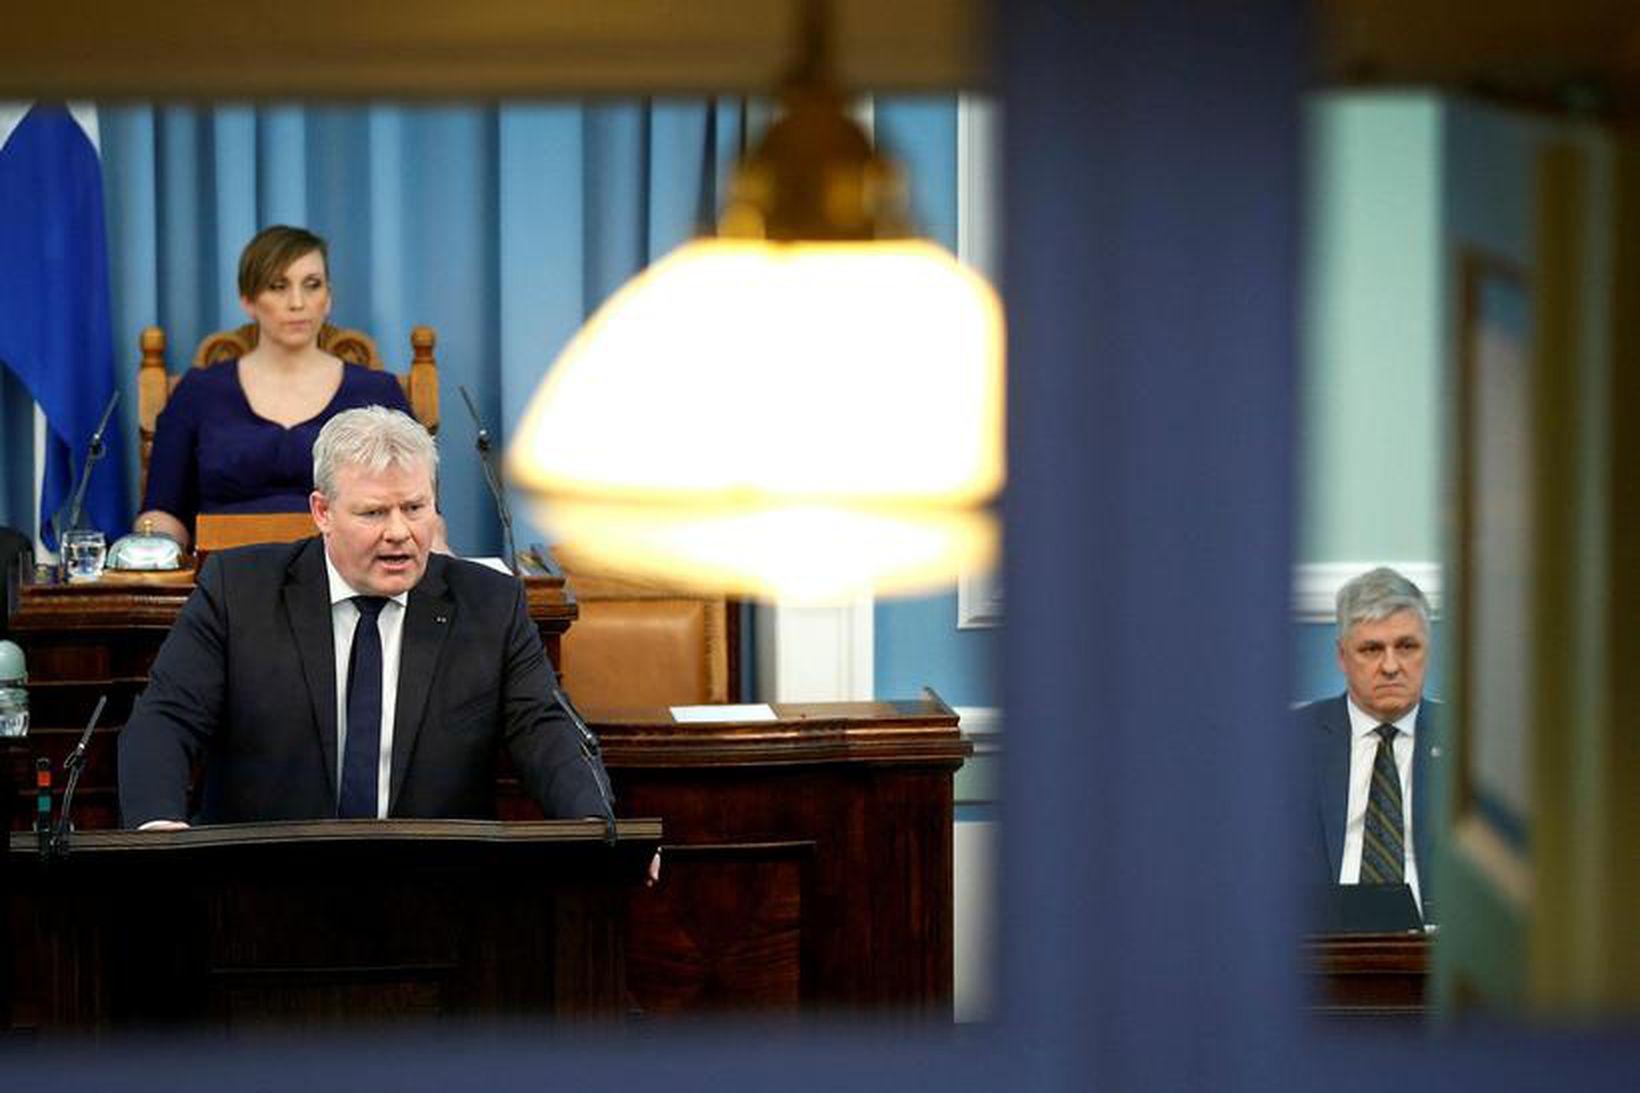 Sigurður Ingi Jóhannsson þingmaður Framsóknarflokksins.